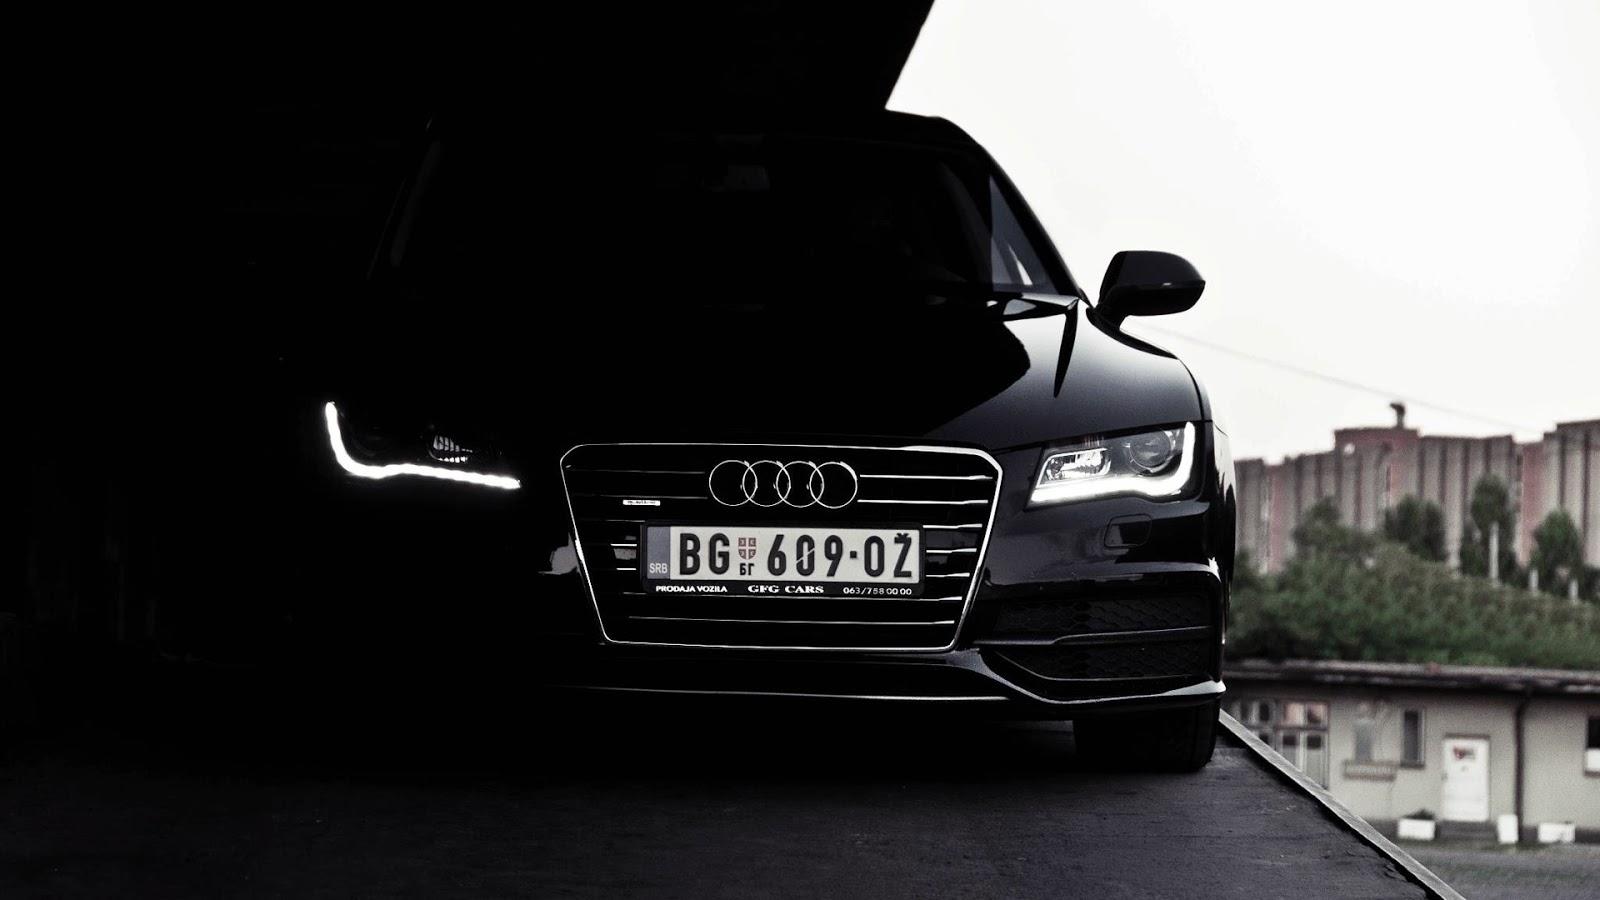 Cool Audi Wallpaper